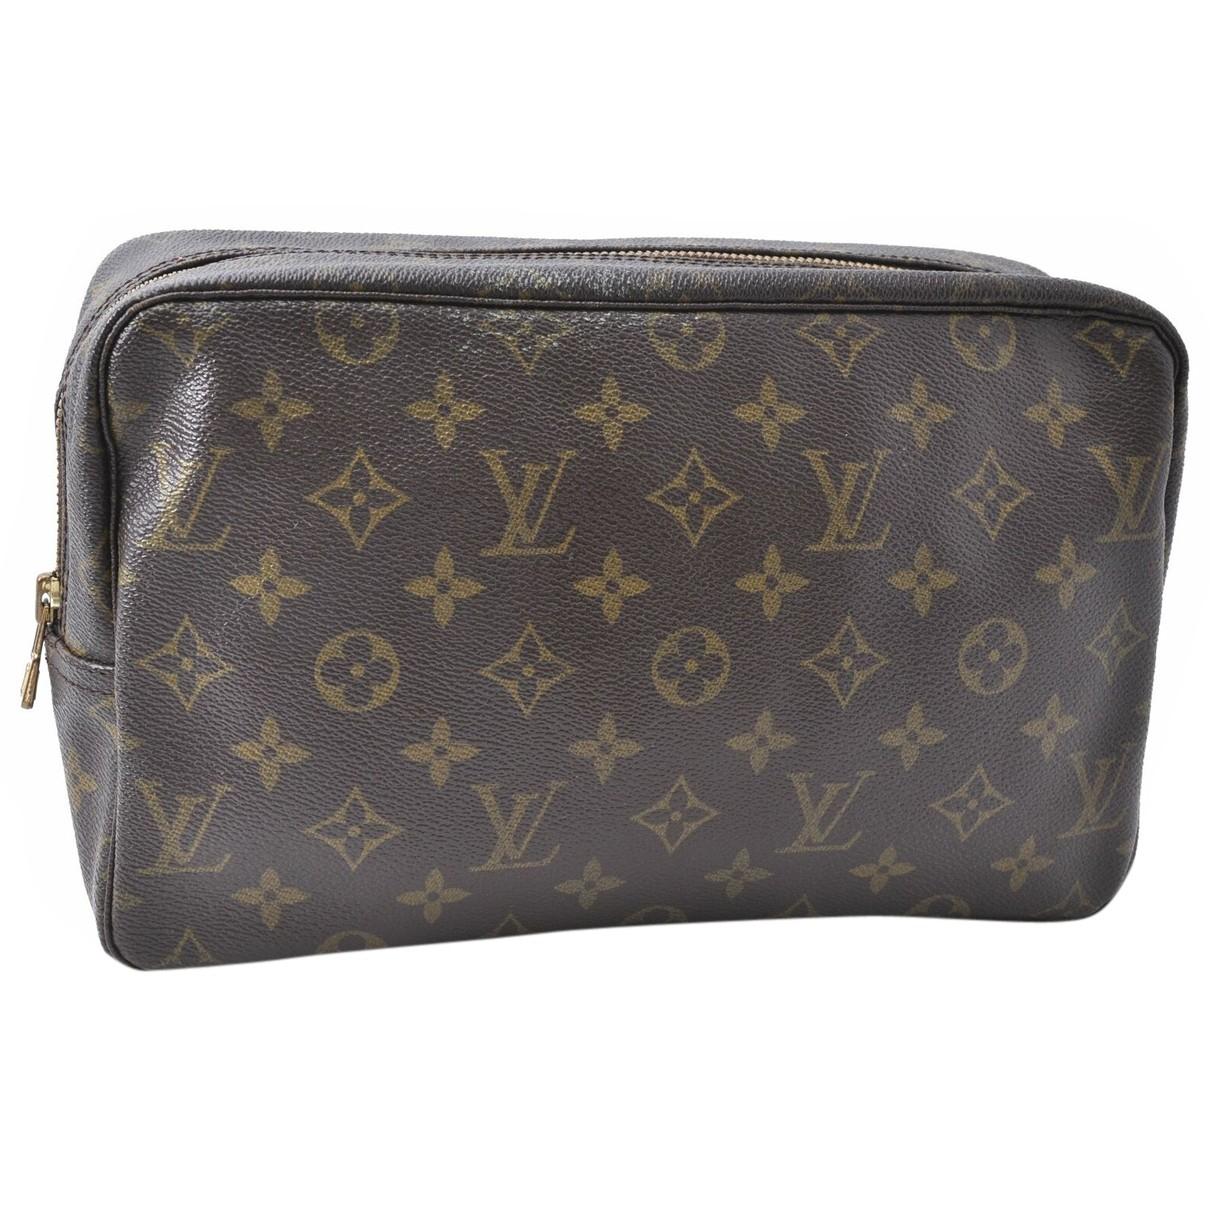 Louis Vuitton - Pochette   pour femme en toile - marron